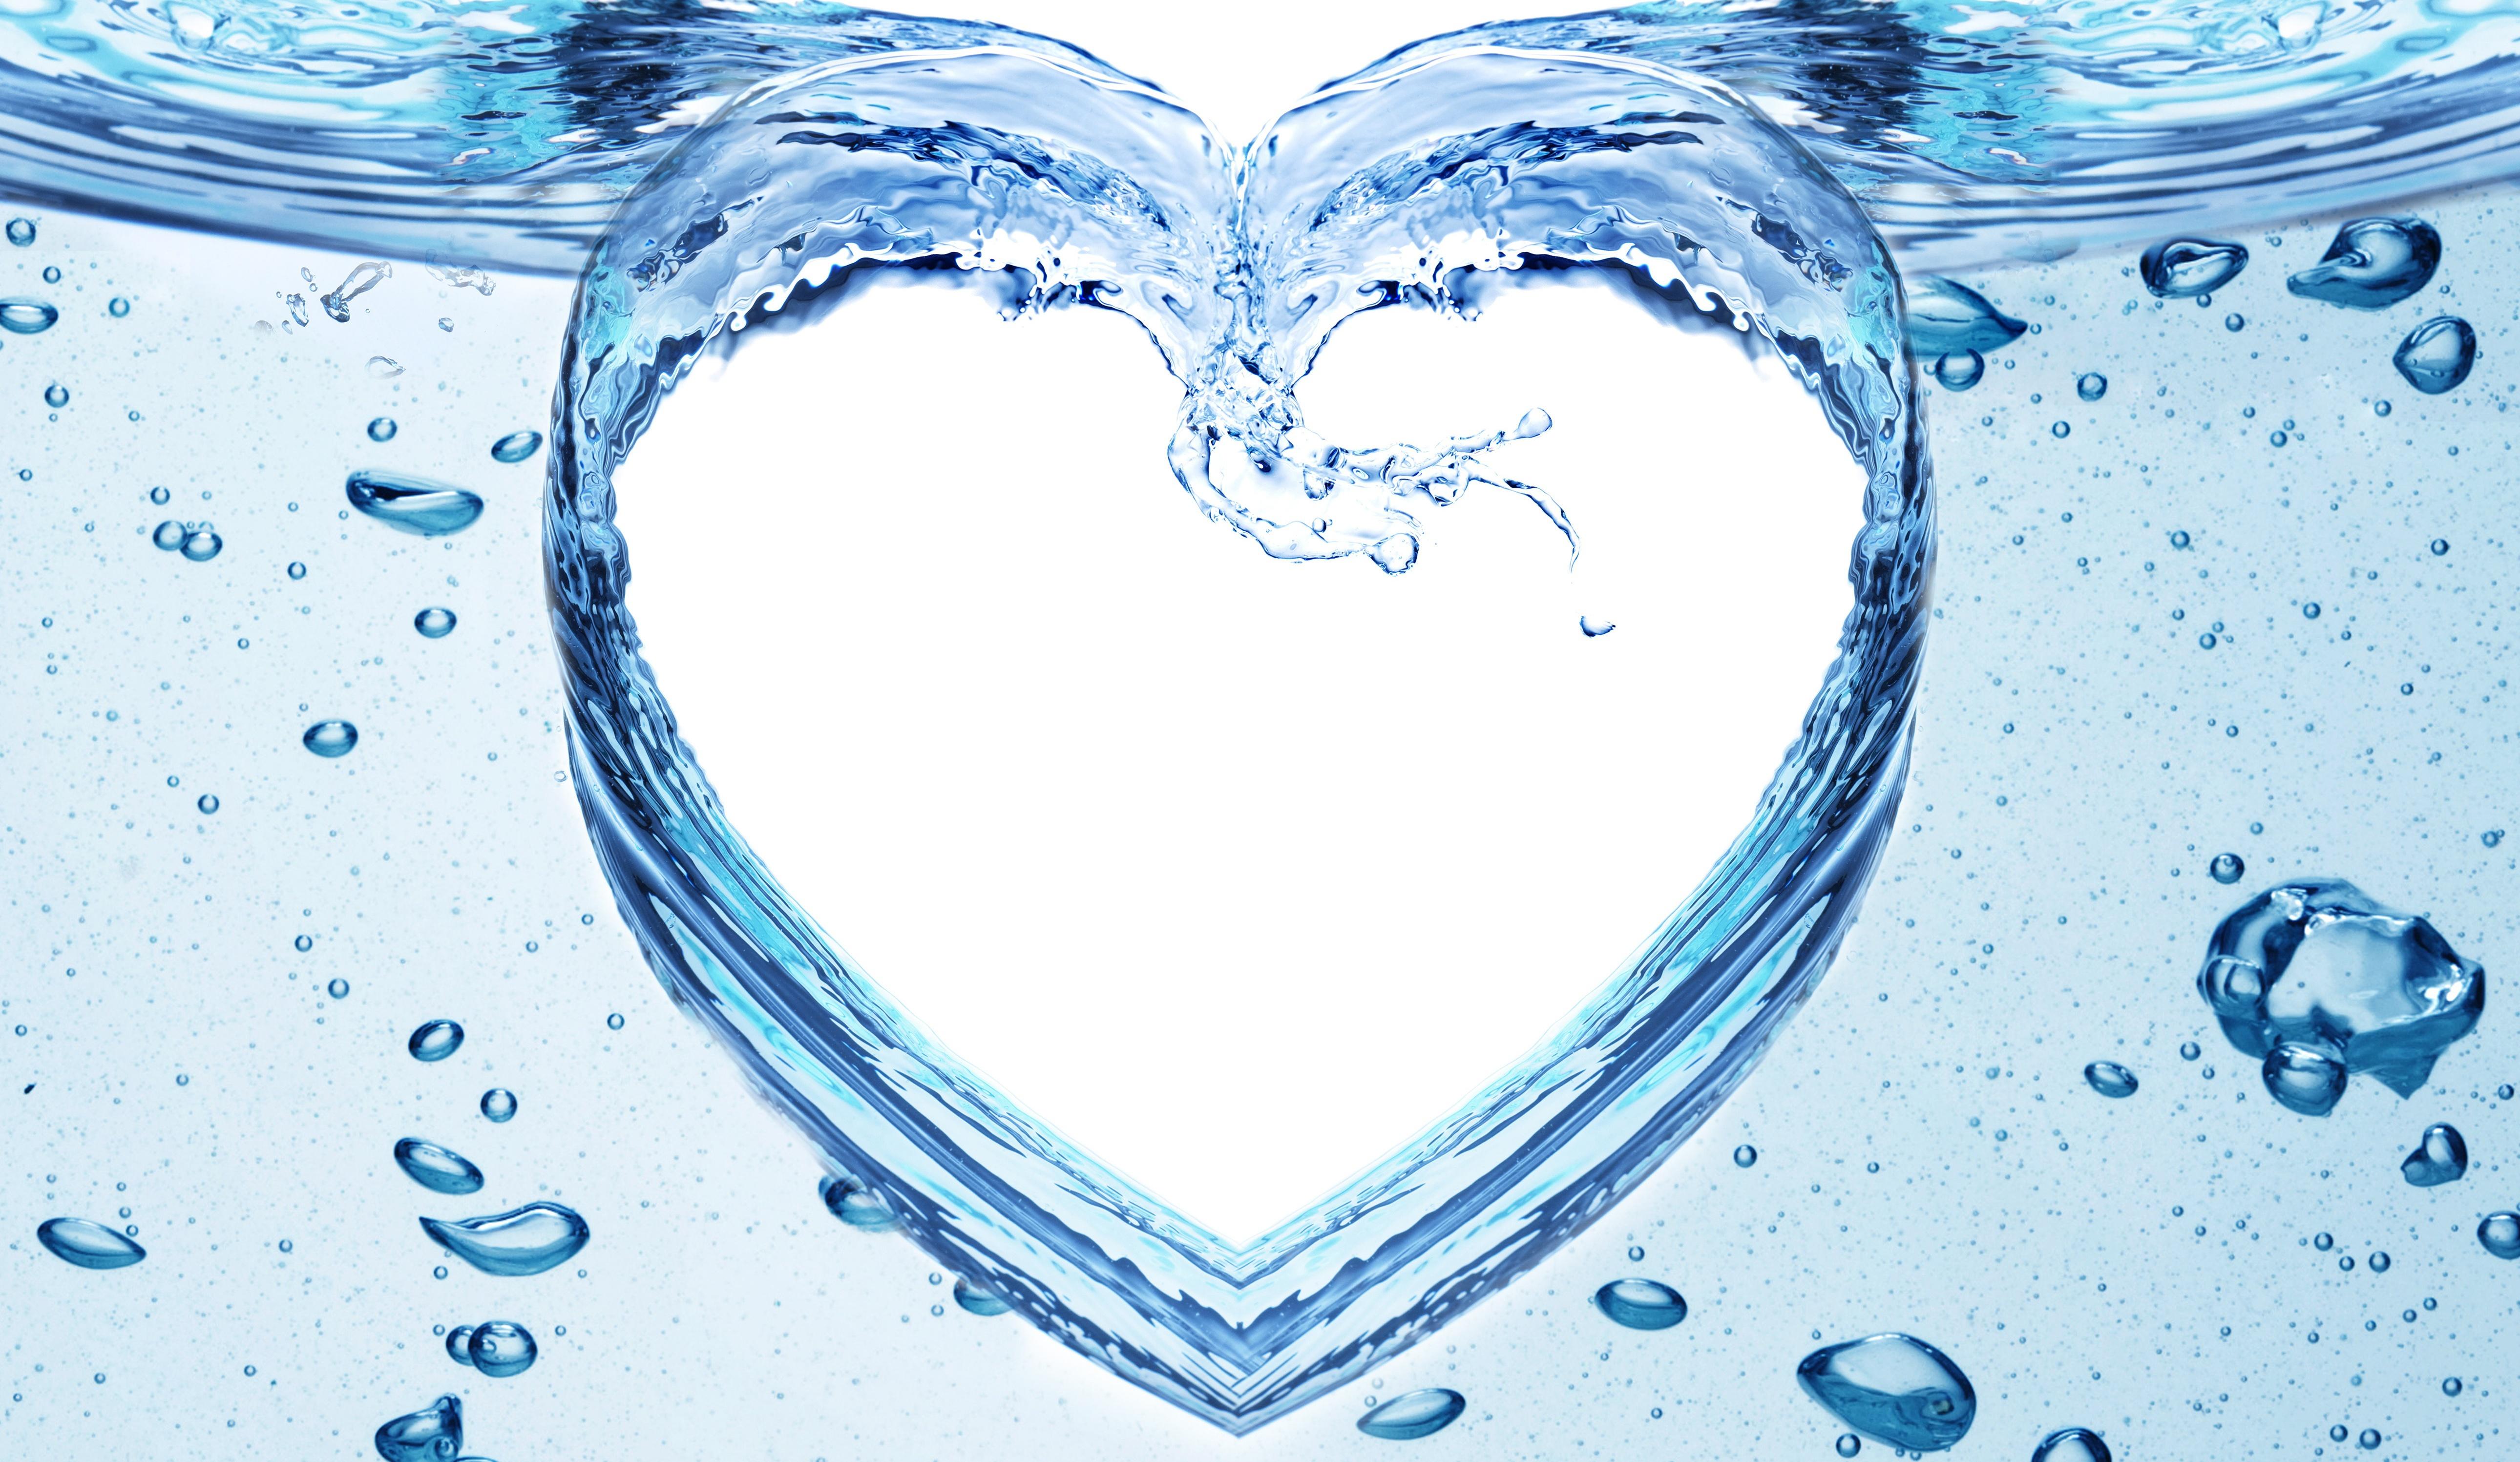 Открытки любителям воды, открытку почтой